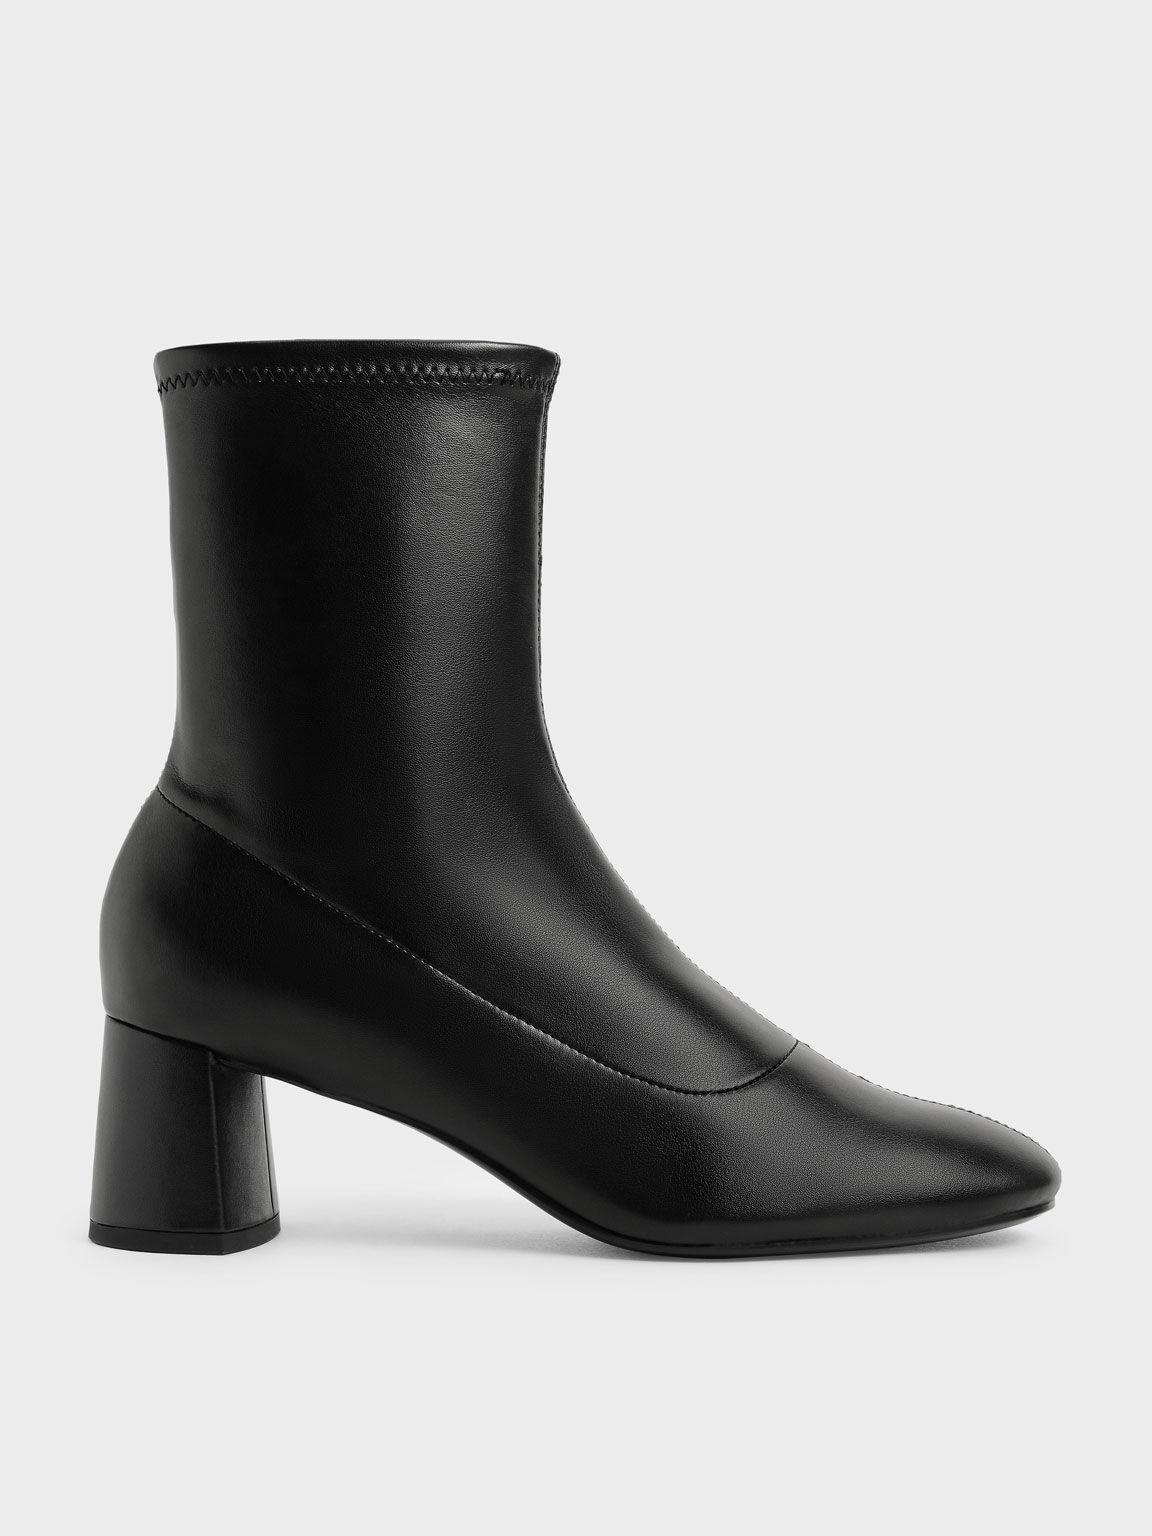 Stitch-Trim Ankle Boots, Black, hi-res